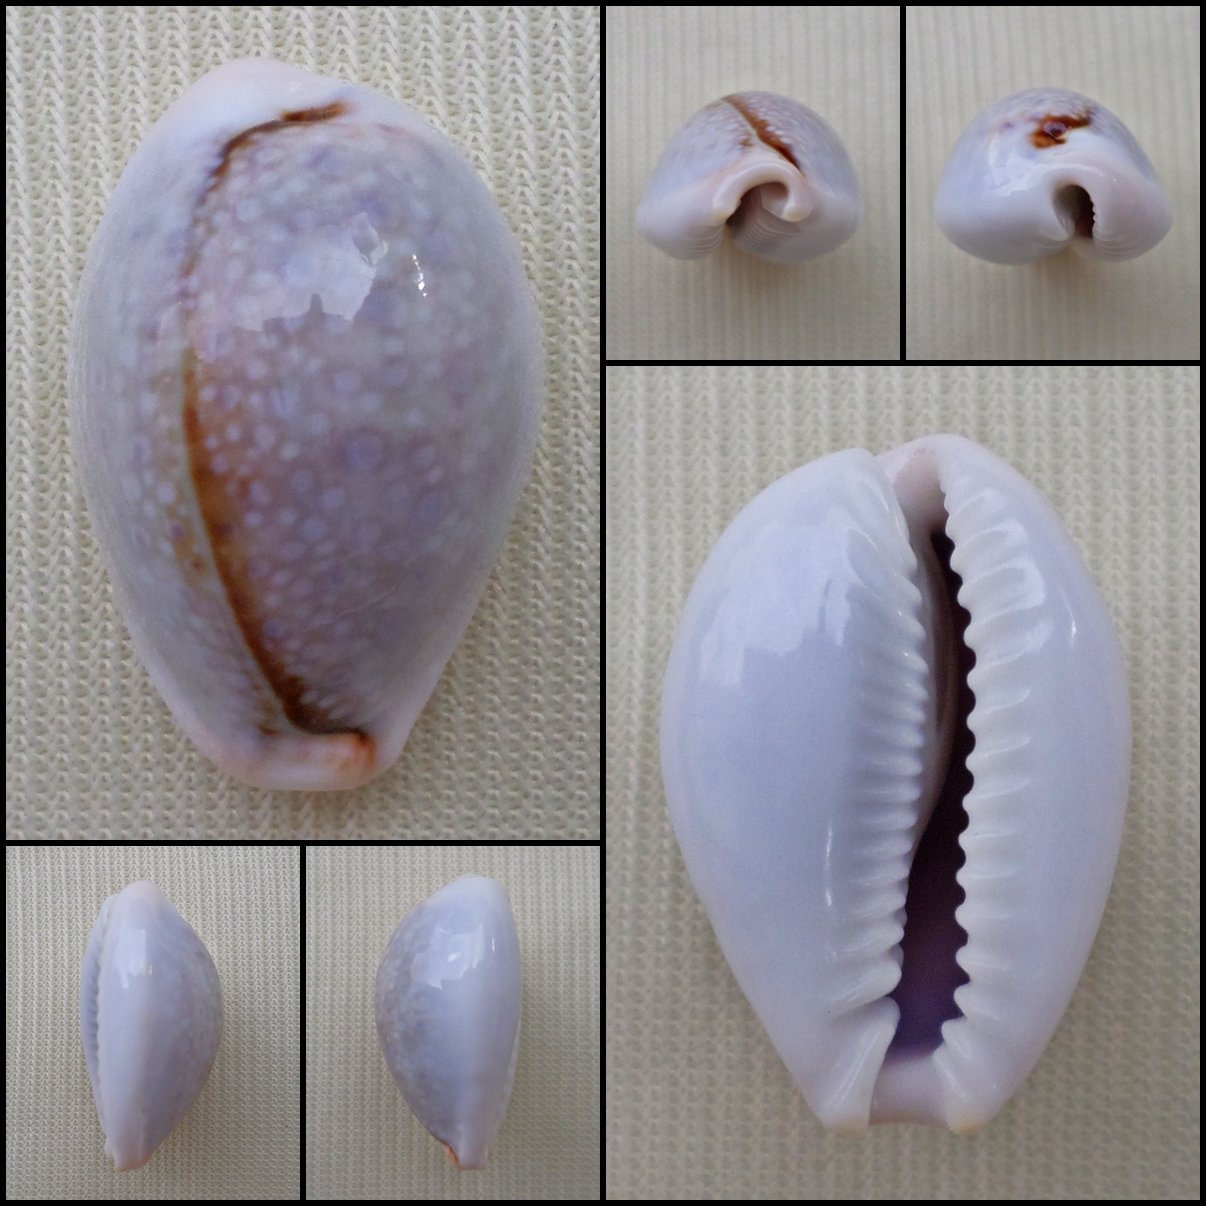 ACC23 - Erosaria boivinii 21.42mm